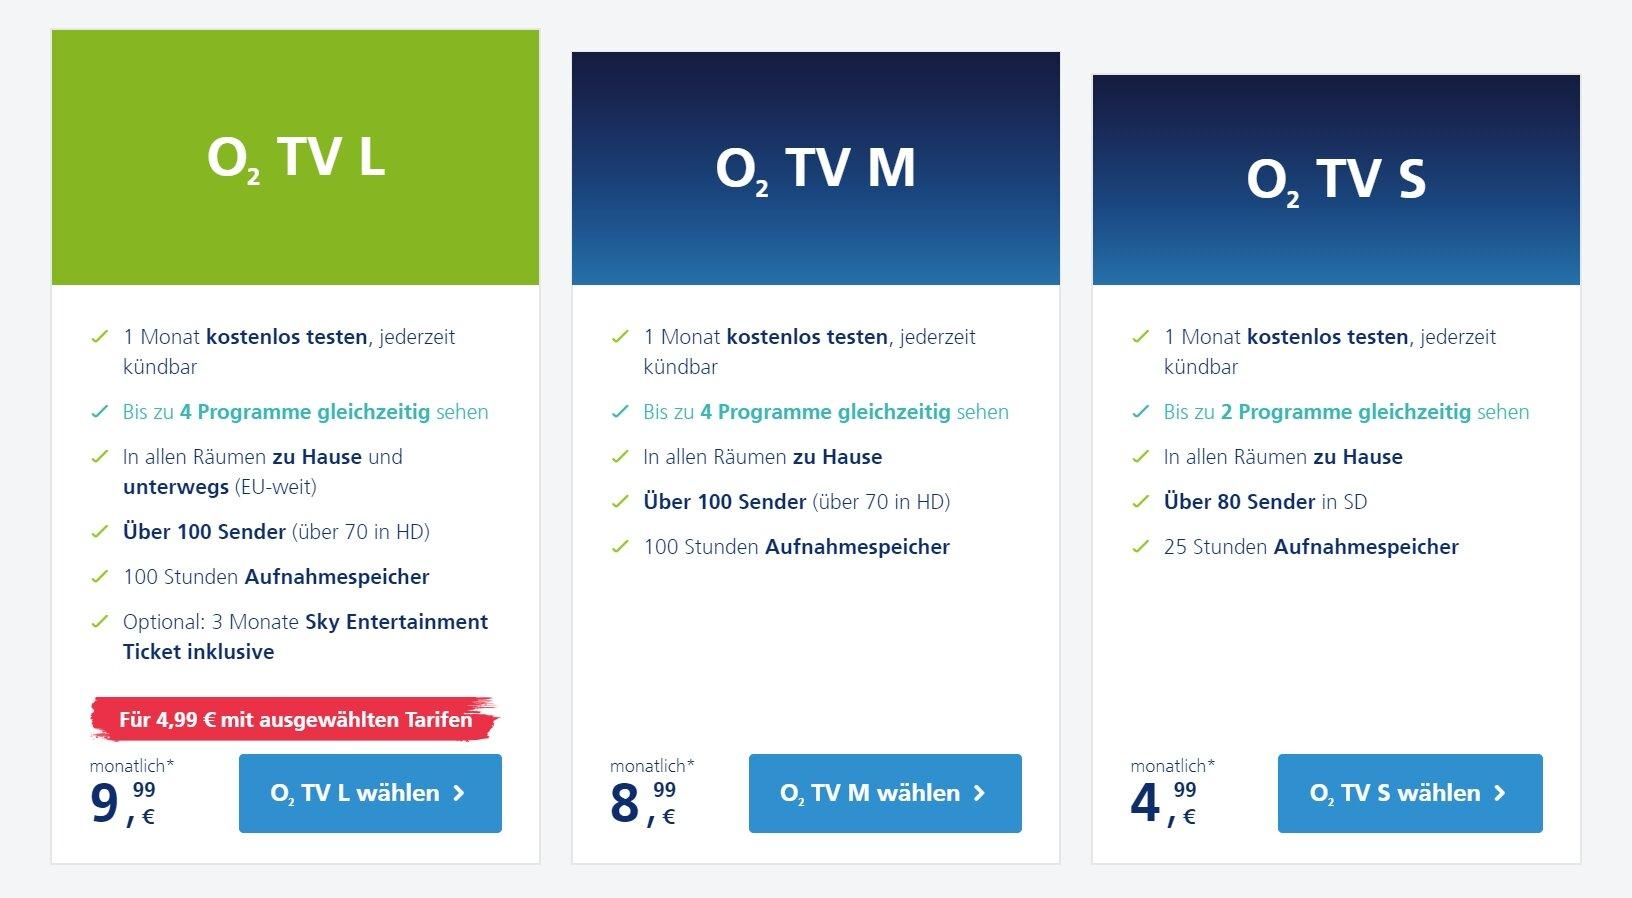 Drei O2 TV Pakete ab 4,99Euro